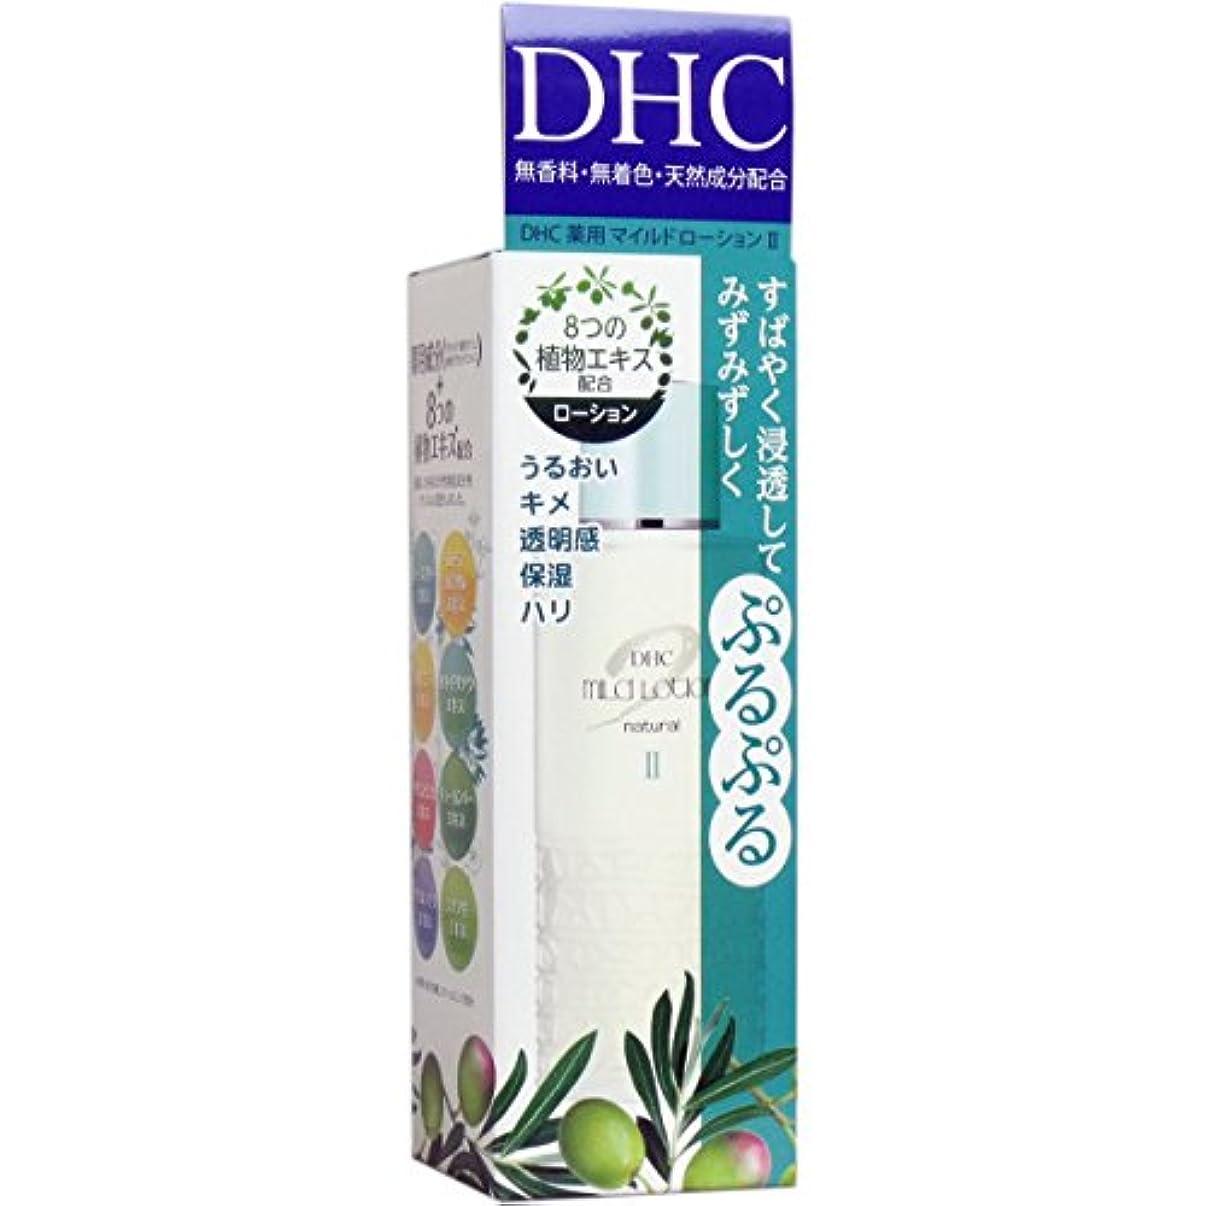 泥棒まだ白いDHC?薬用マイルドローションII 40ml (化粧水) [並行輸入品]